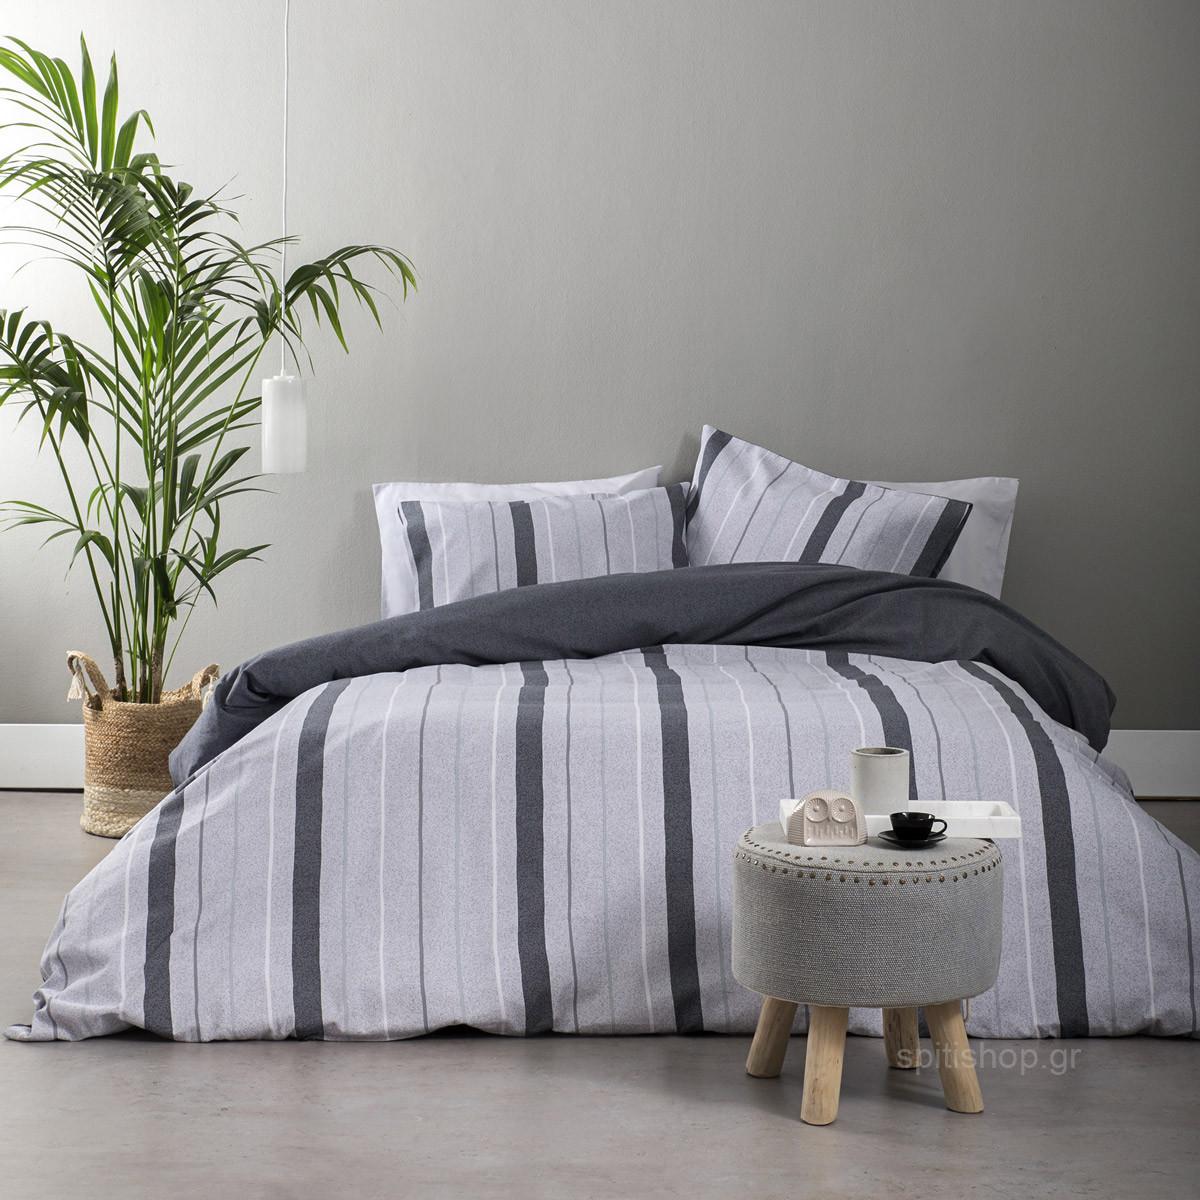 Φανελένια Παπλωματοθήκη Μονή (Σετ) Nima Bed Linen Simplicity